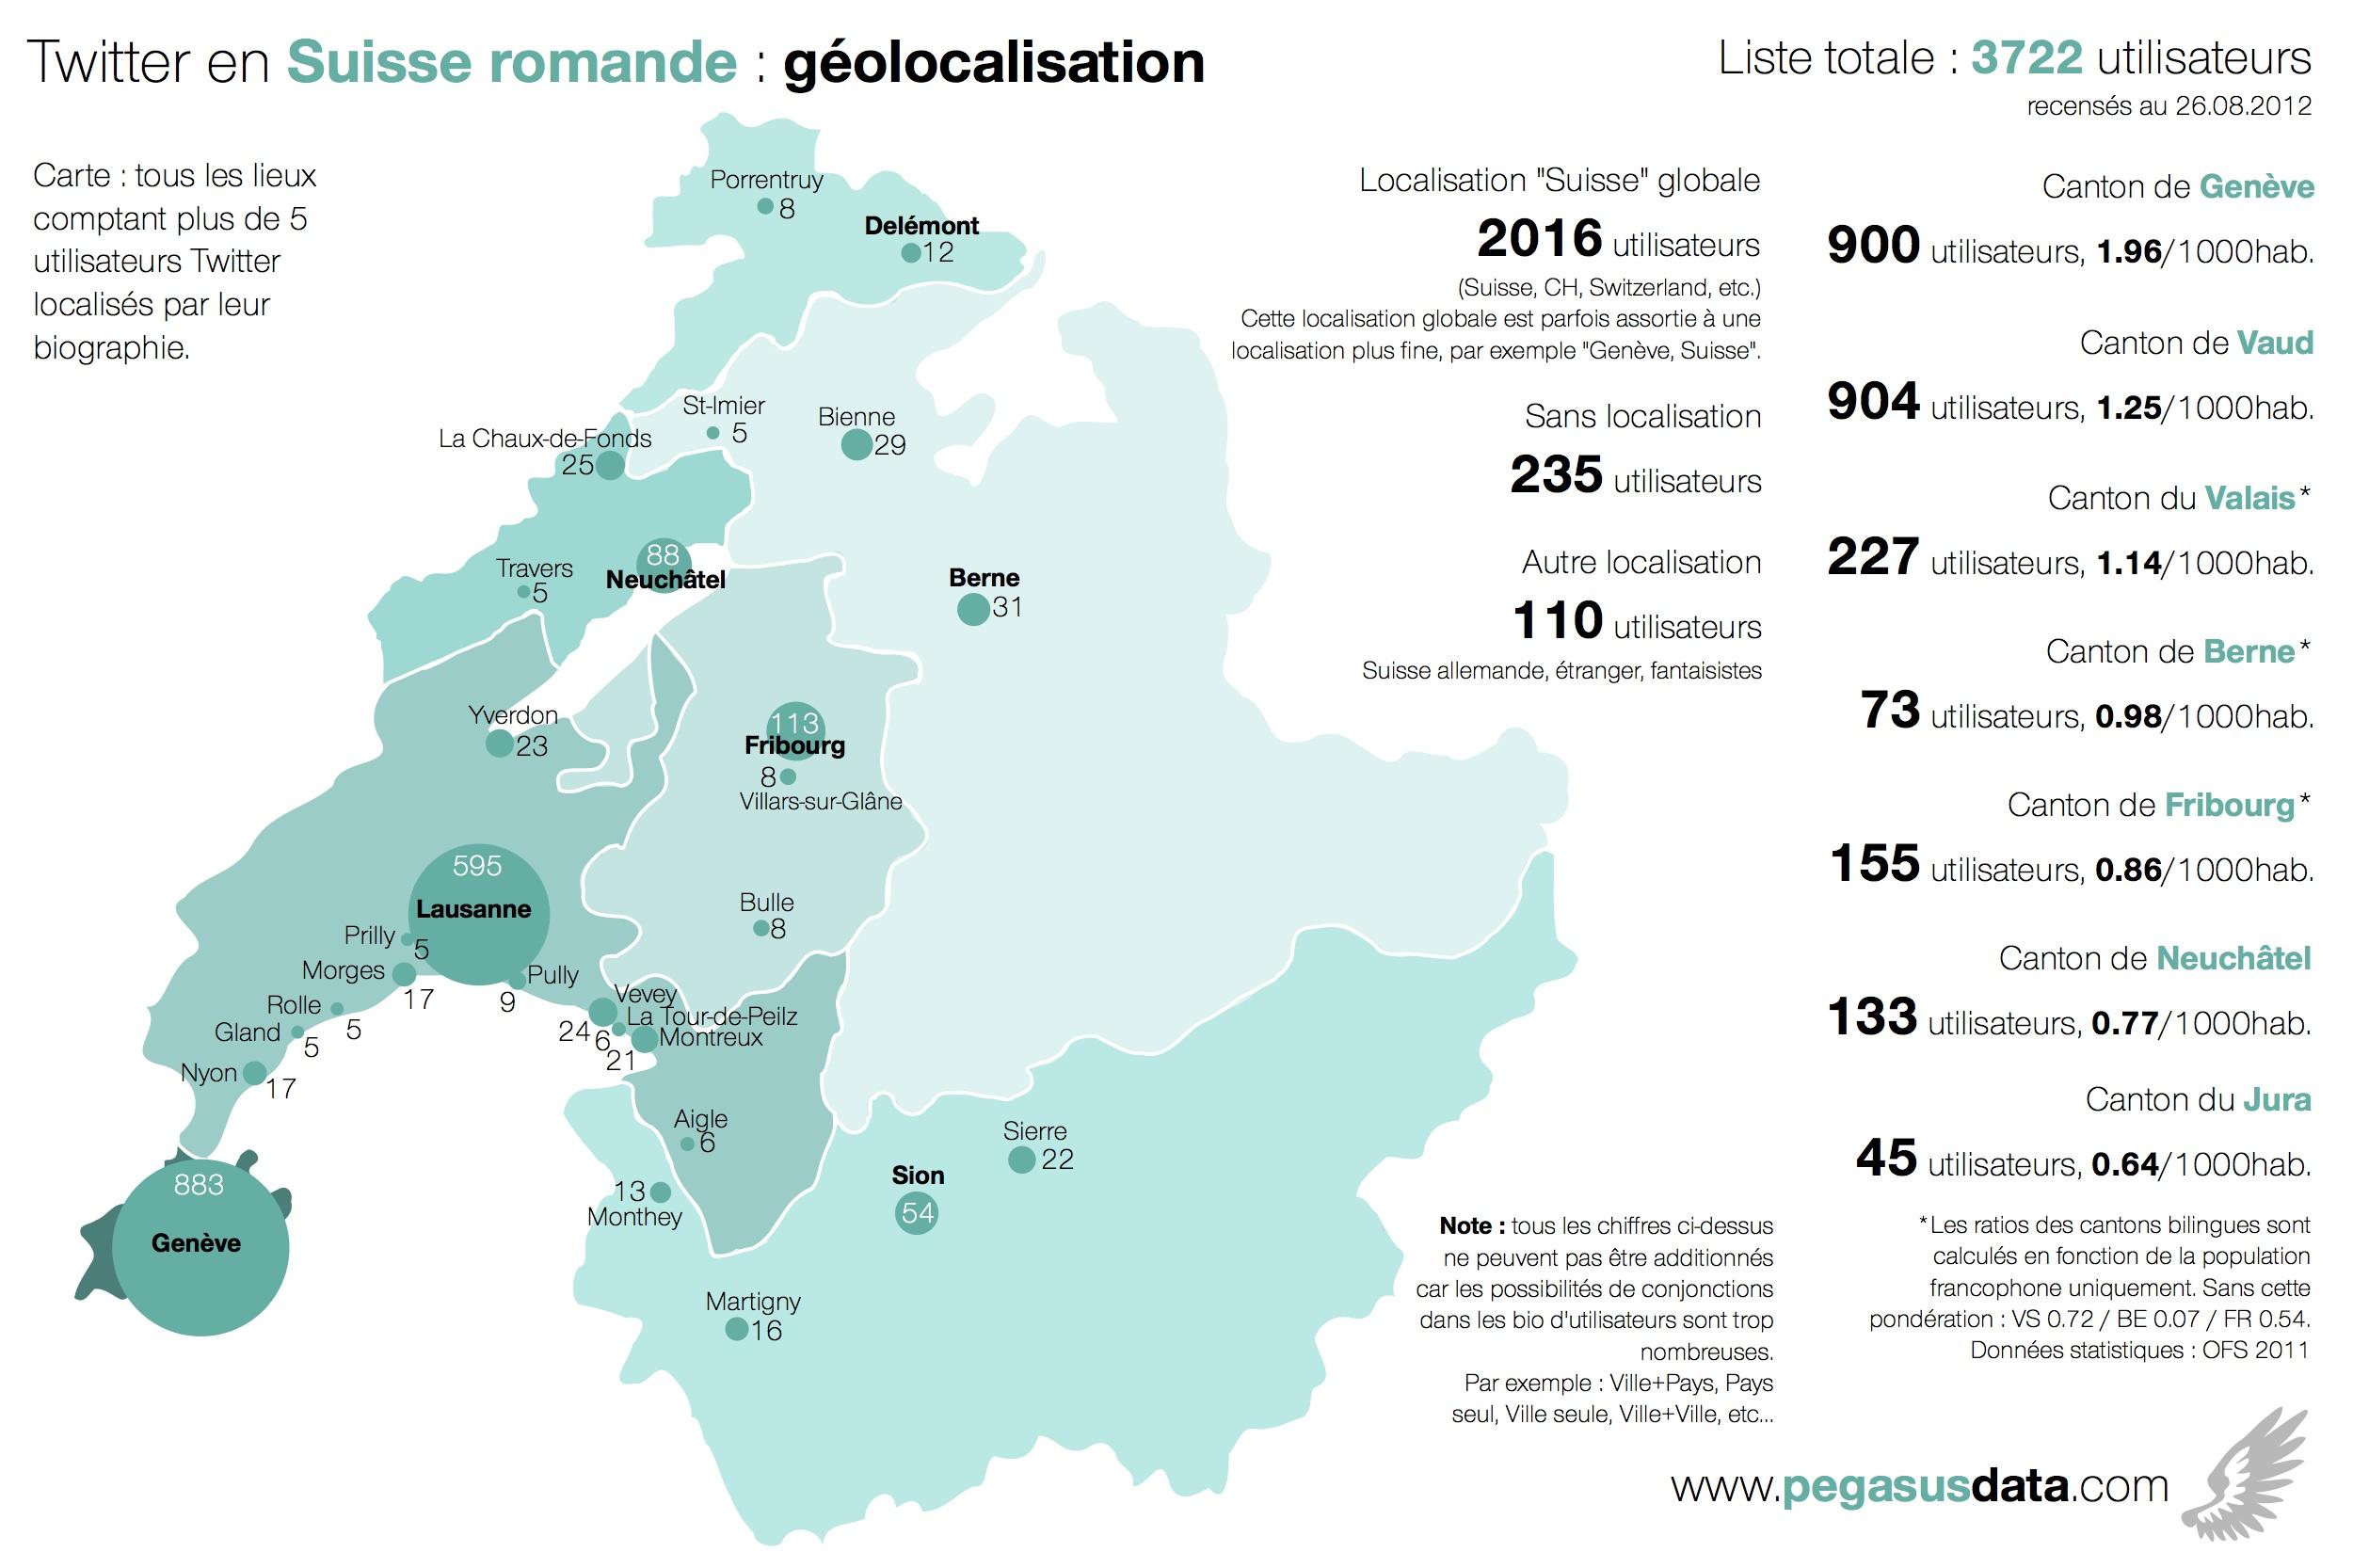 Rencontres gratuites en suisse romande